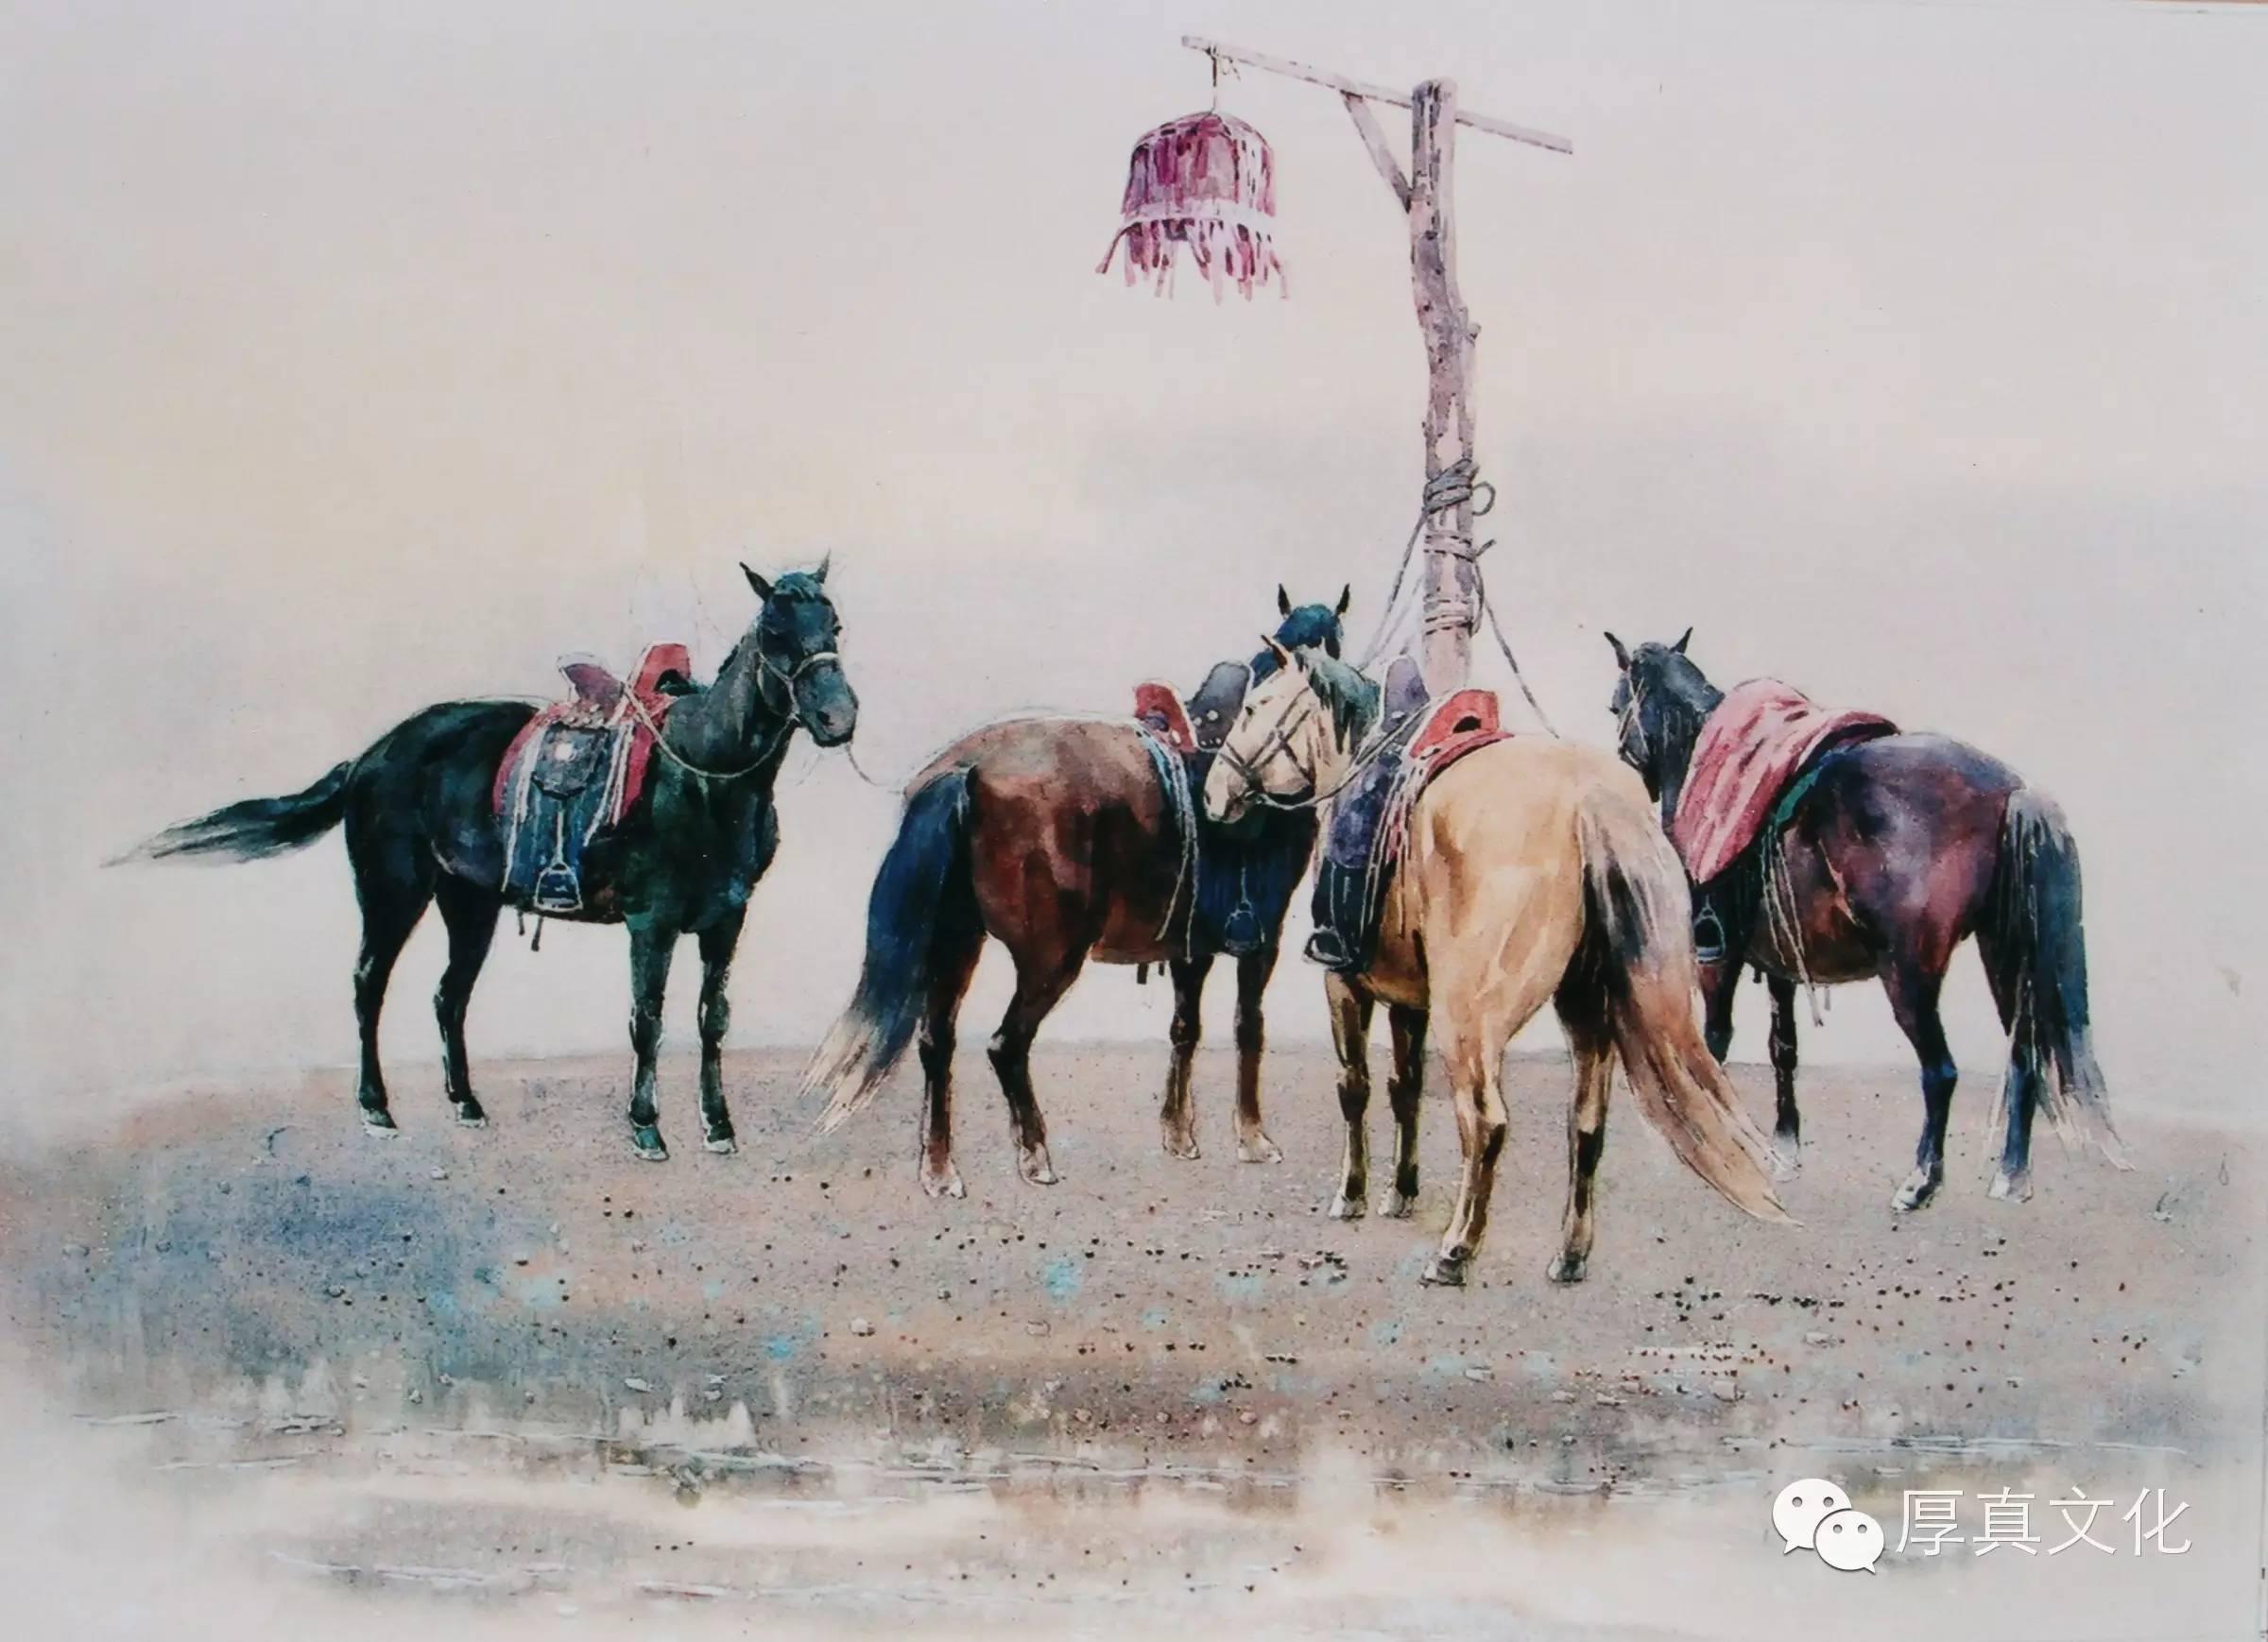 【蒙古人】美术家——云希望 第7张 【蒙古人】美术家——云希望 蒙古画廊